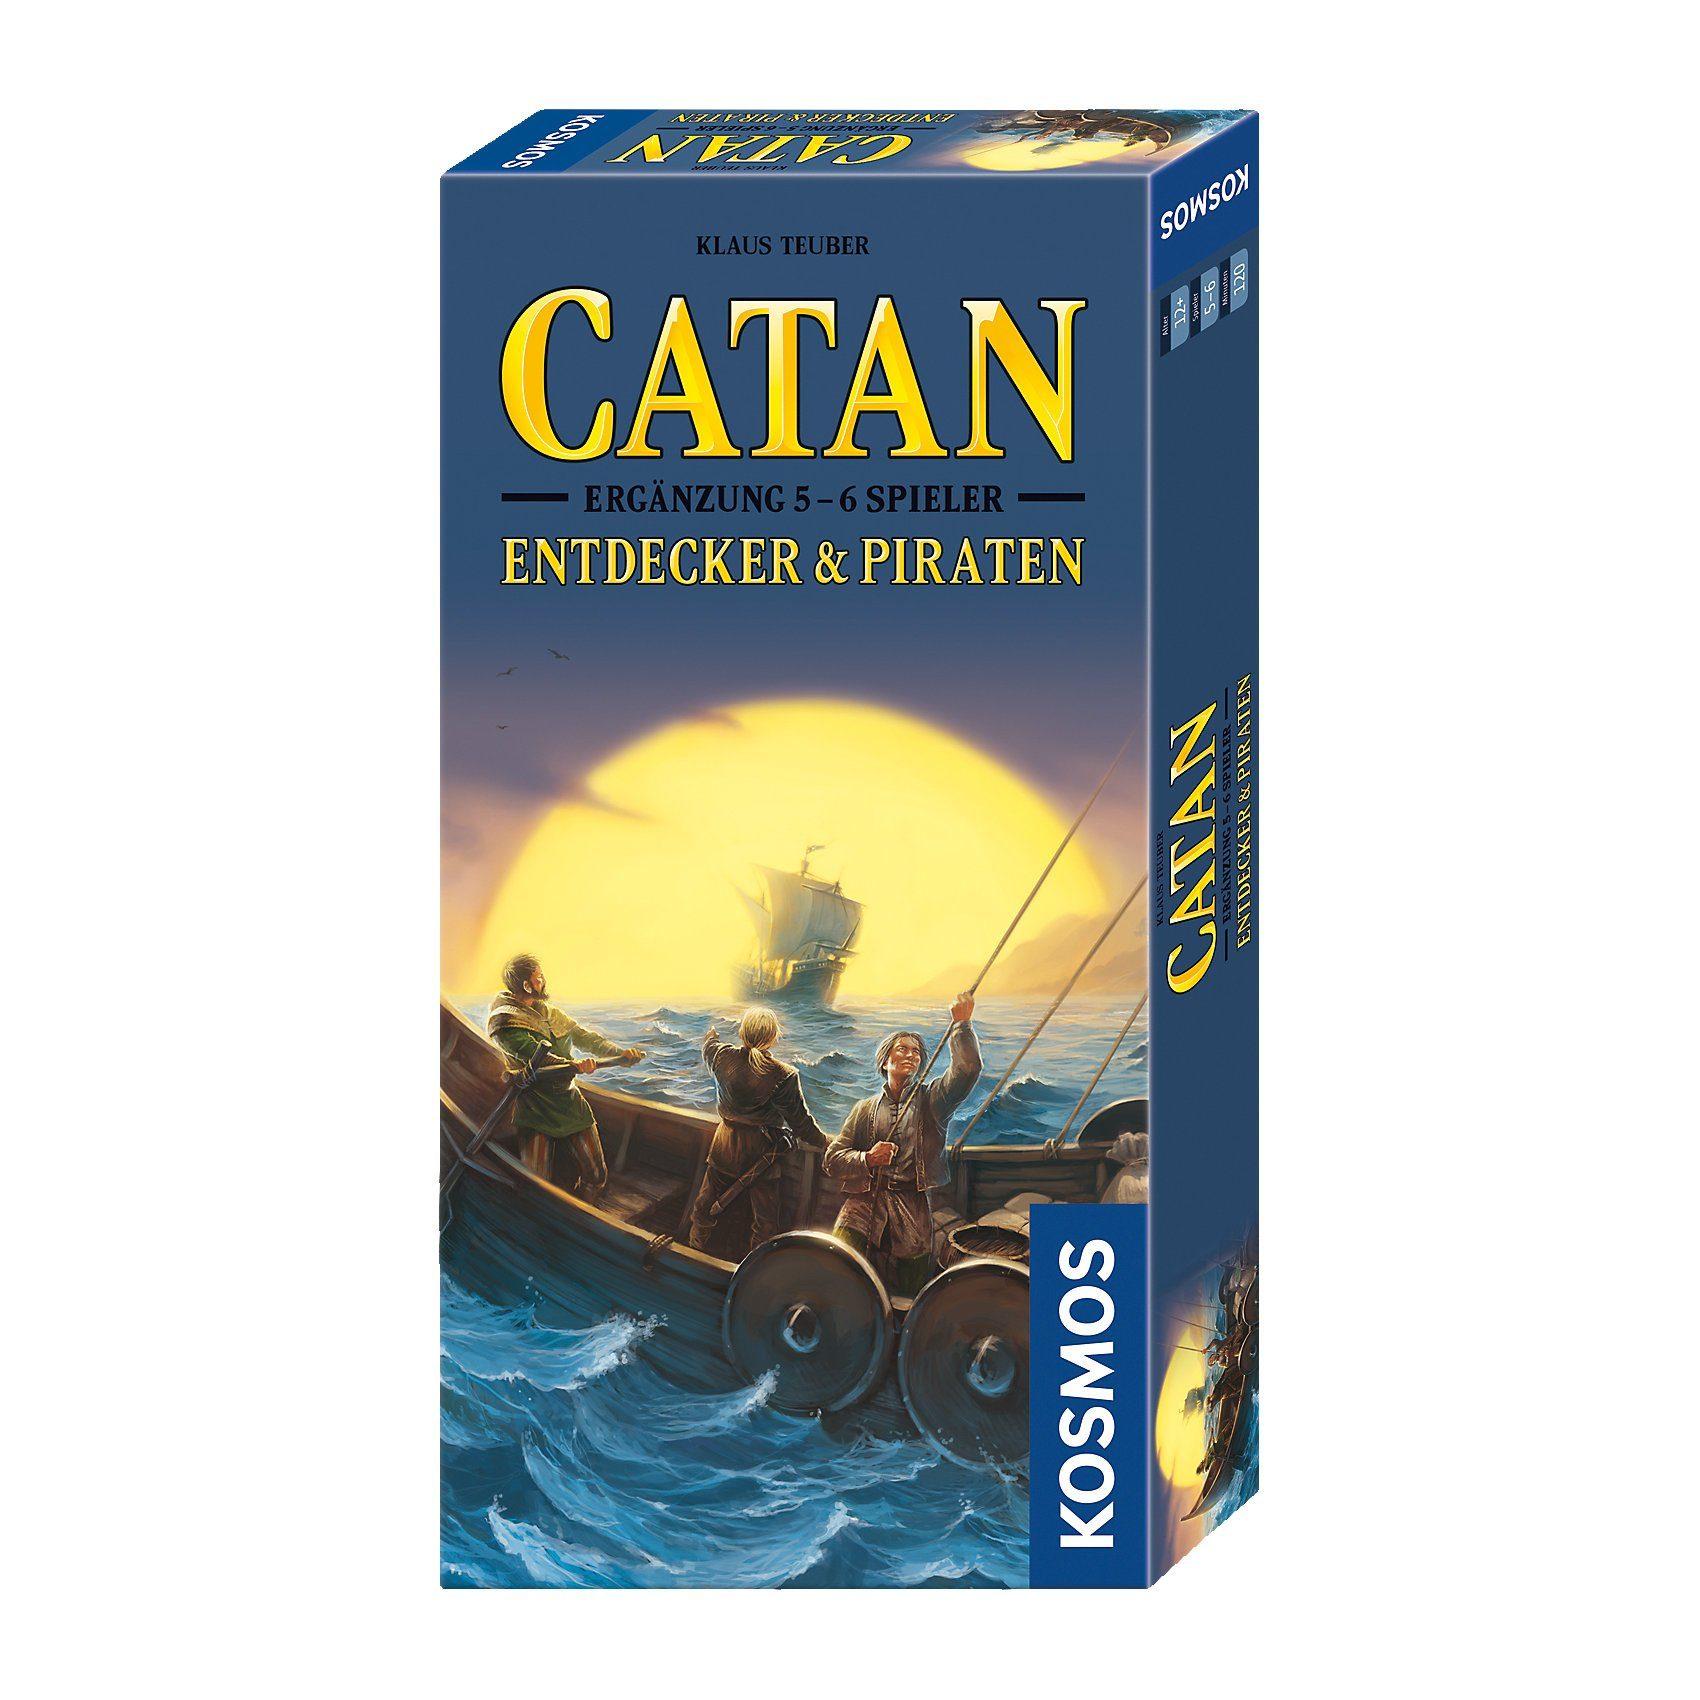 Kosmos Catan - Ergänzung Entdecker & Piraten 5-6 Spieler